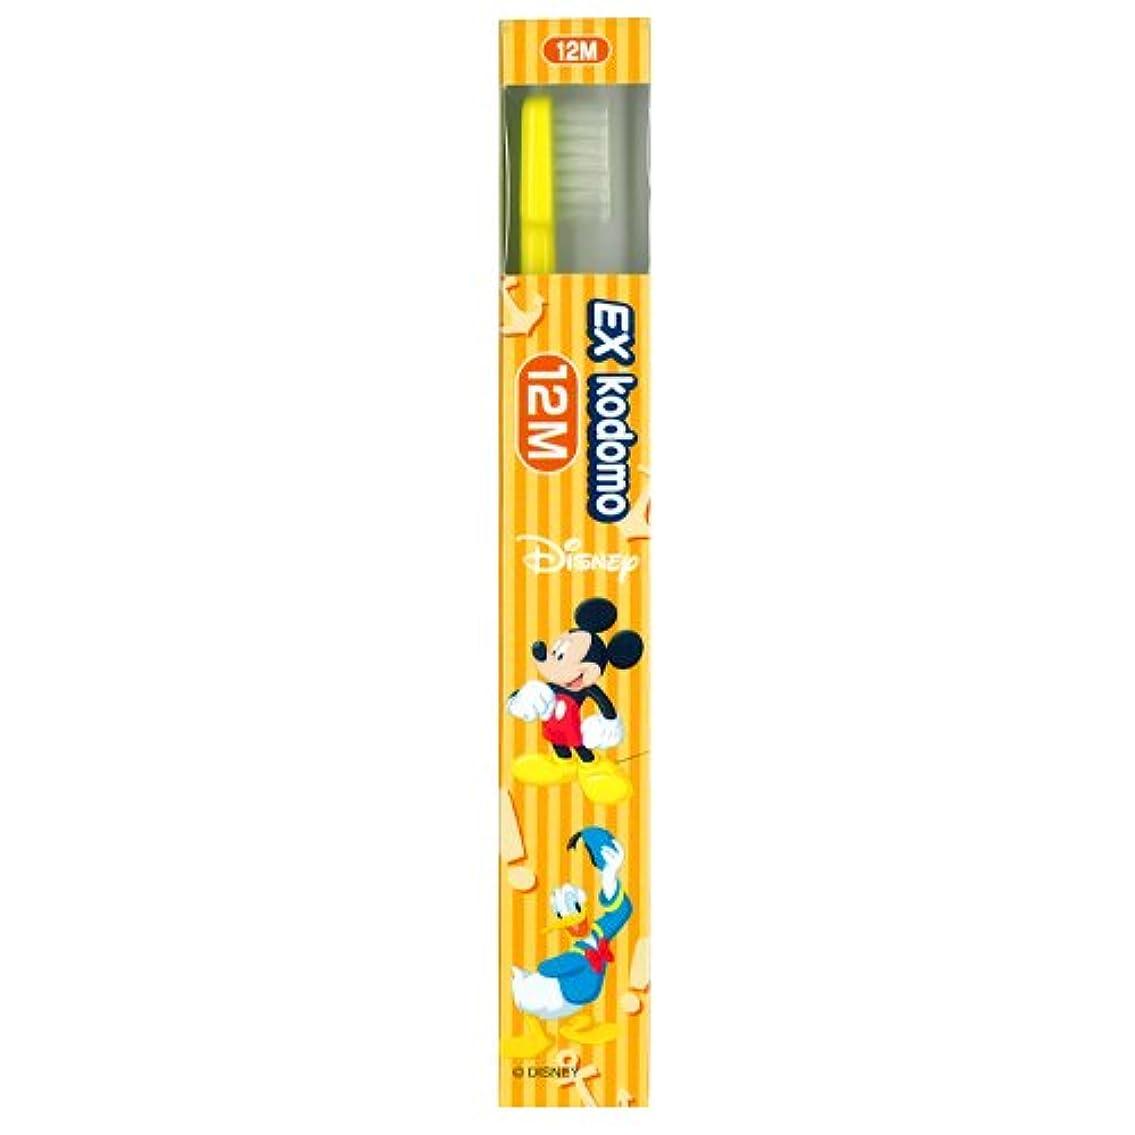 ライオン EX kodomo ディズニー 歯ブラシ 1本 12M イエロー